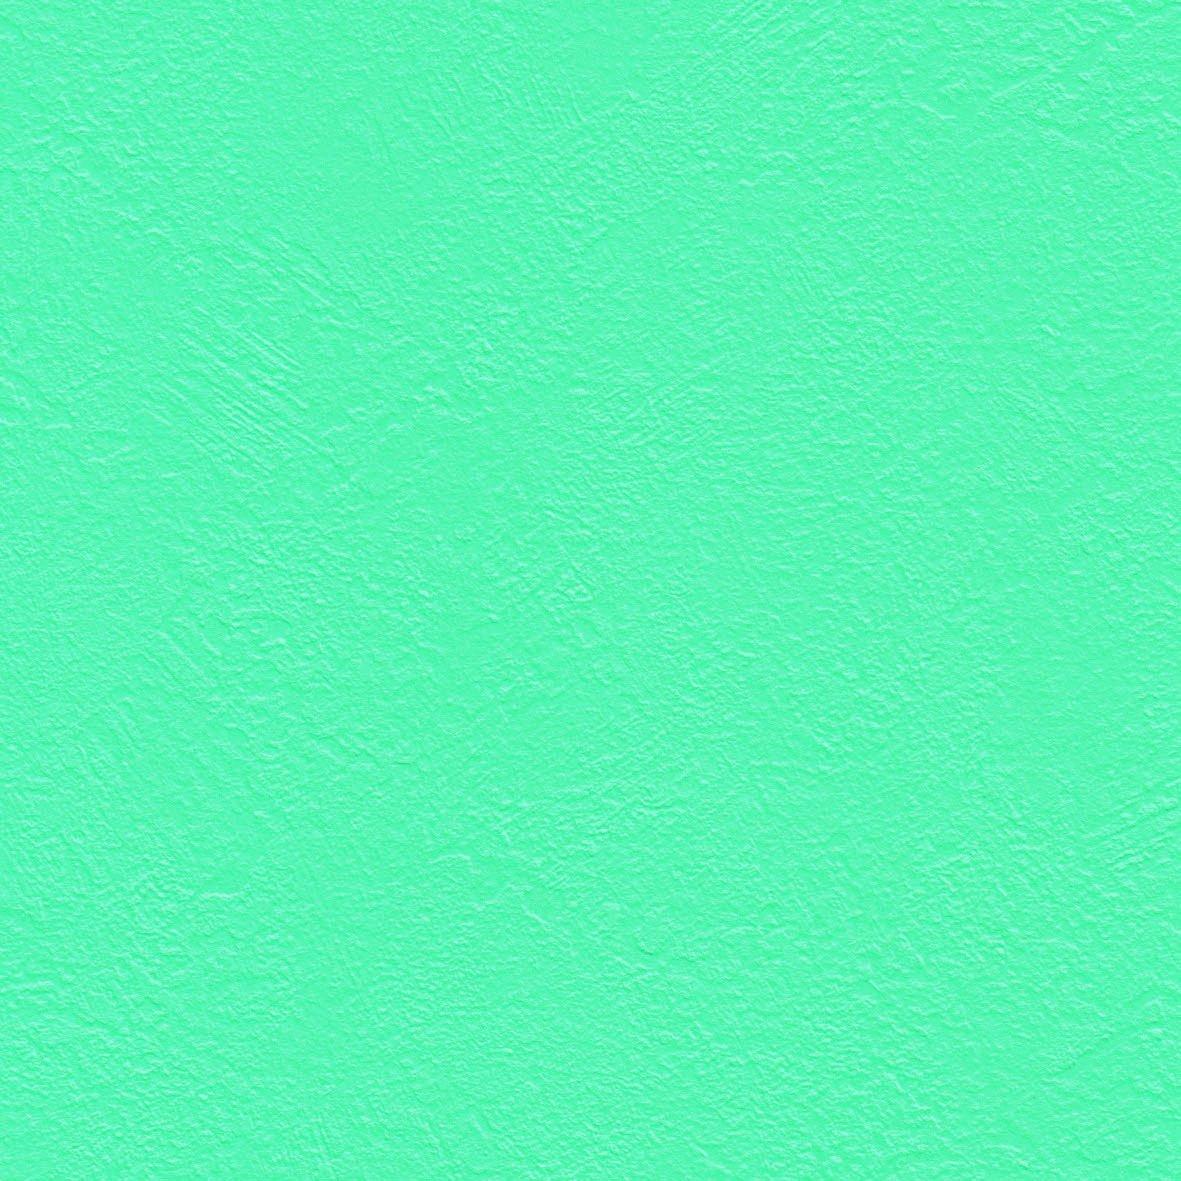 リリカラ 壁紙21m シンフル 石目調 ブルー LL-8235 B01N3T5OID 21m|ブルー